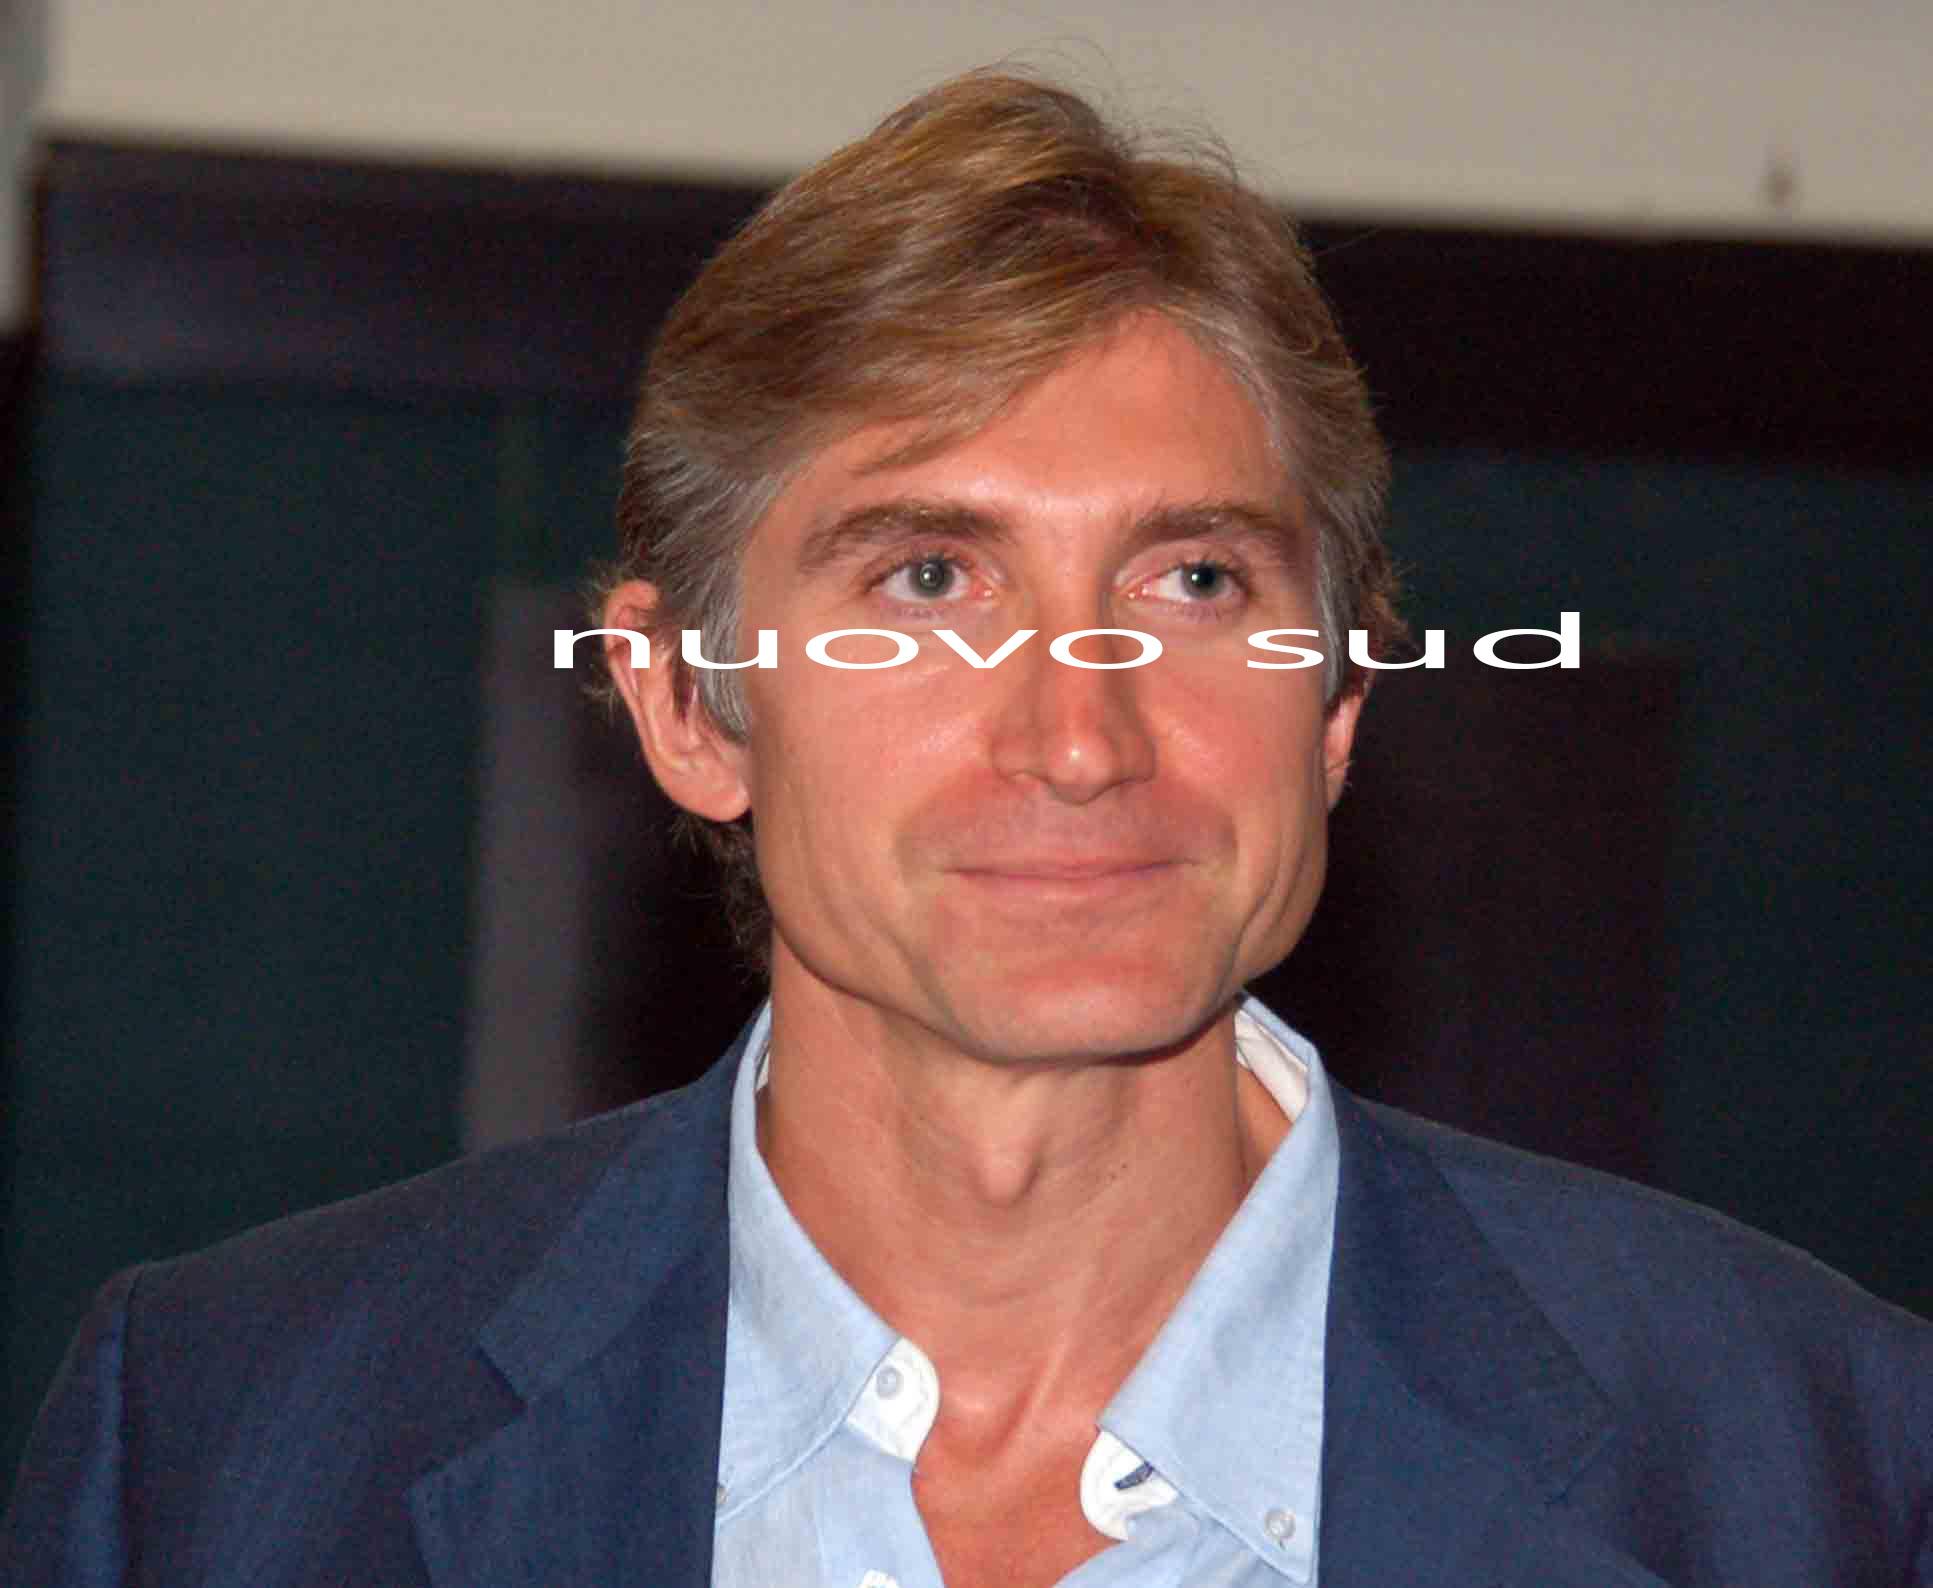 Corruzione, il Gip lascia in carcere l'ex Pm di Siracusa Giancarlo Longo